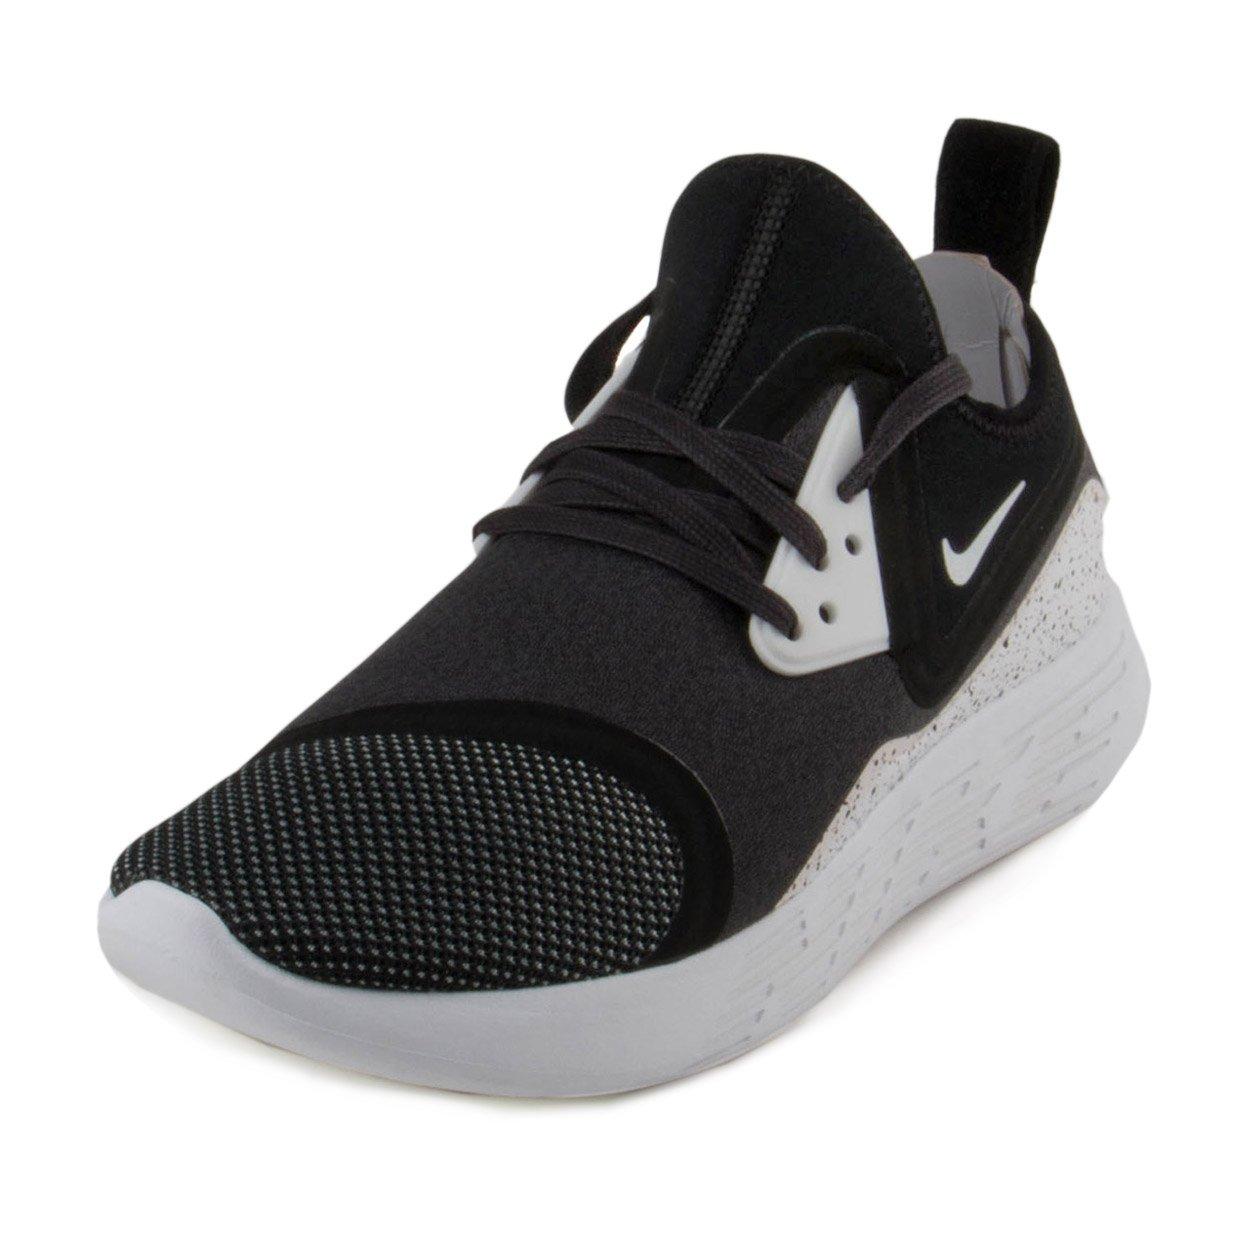 Nike Womens W Lunarcharge Premium LE Multi-color Cotton Size 8.5